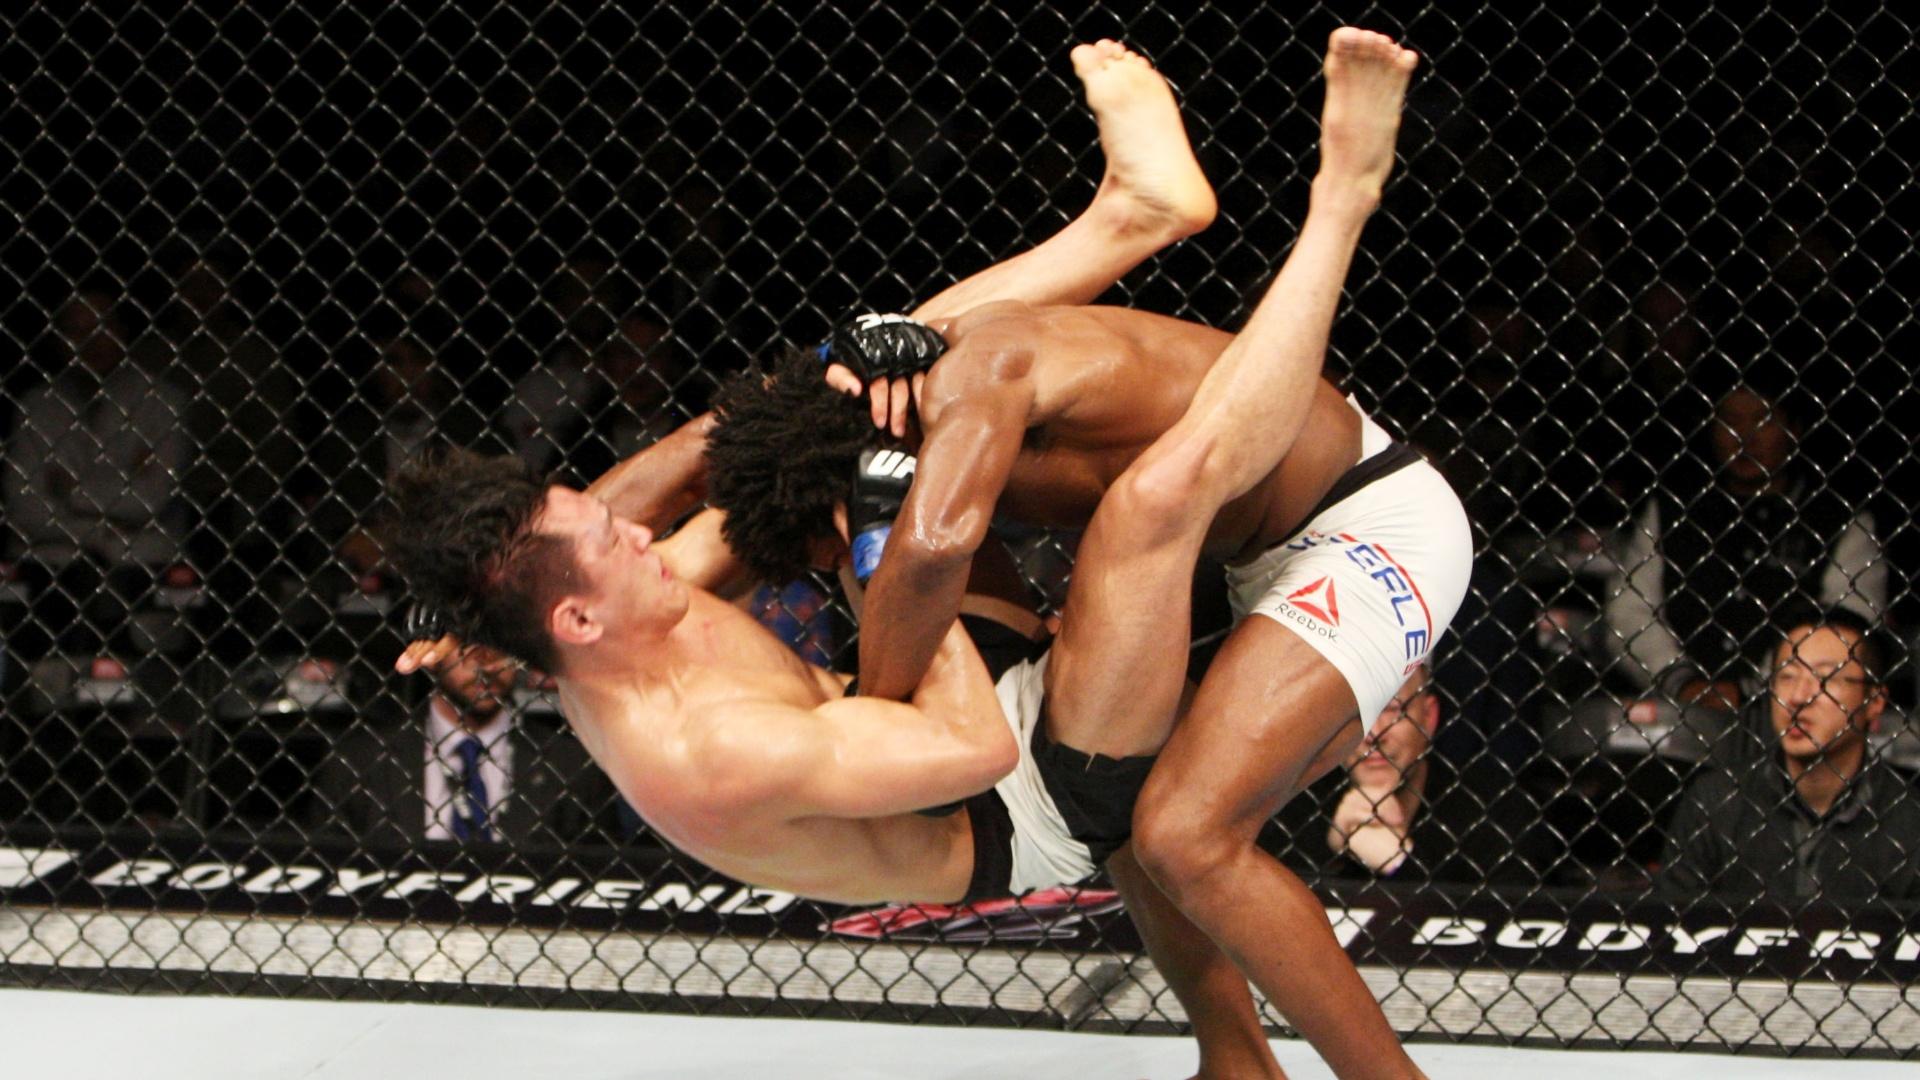 Dominic Steele aplica queda em Dong Hyun Kim e o sul-coreano é nocauteado pelo choque com o solo durante o UFC realizado em Seul